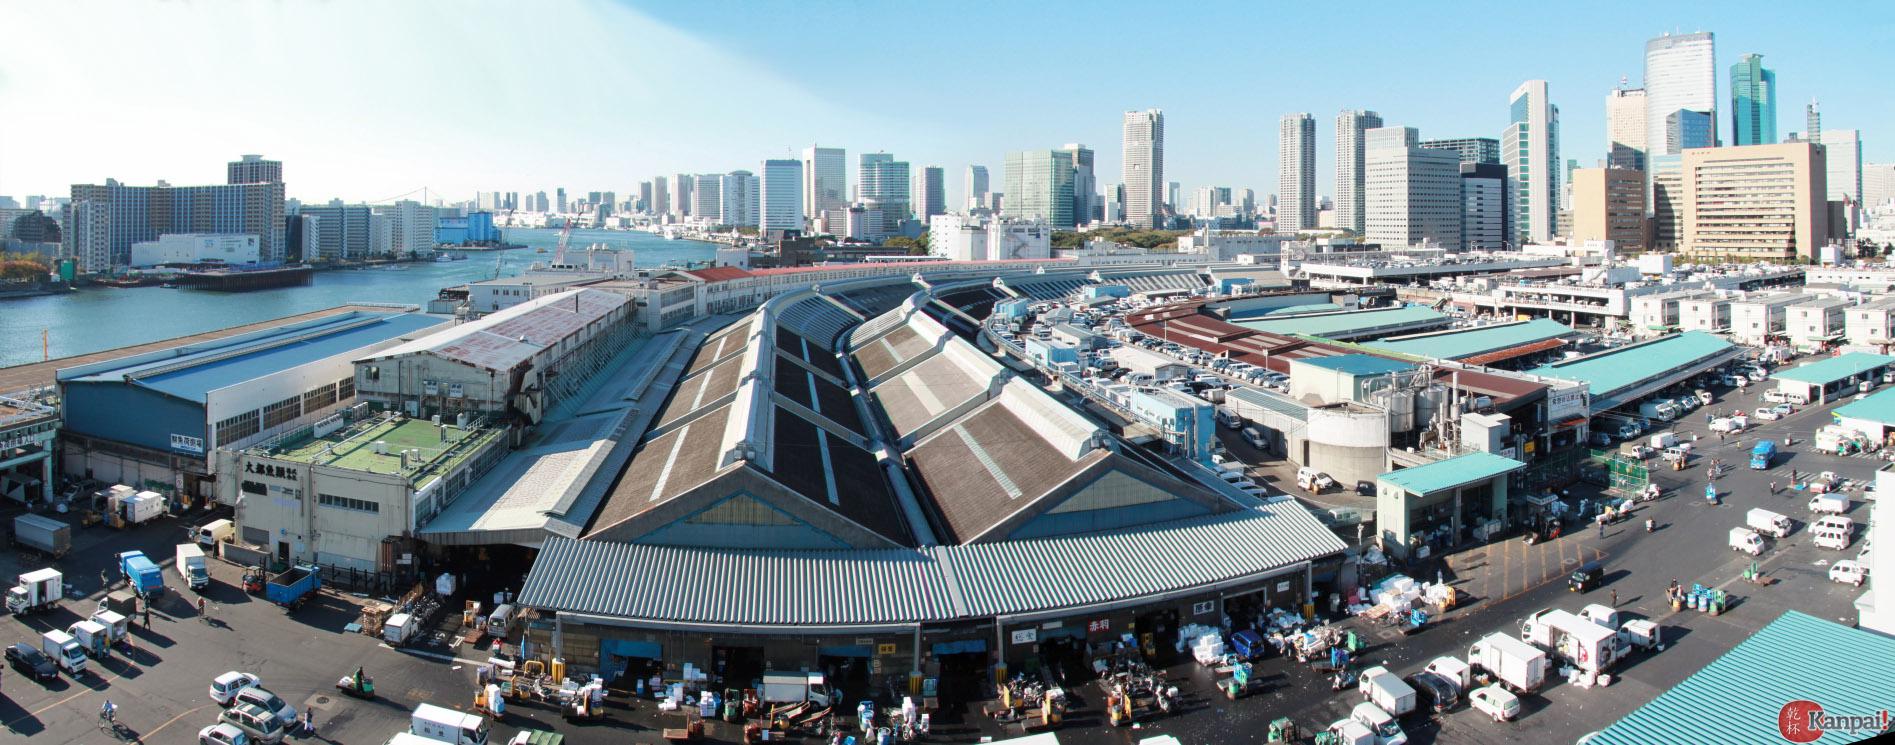 Tsukiji le plus grand march aux poissons du monde - Climatiseur le plus silencieux du marche ...